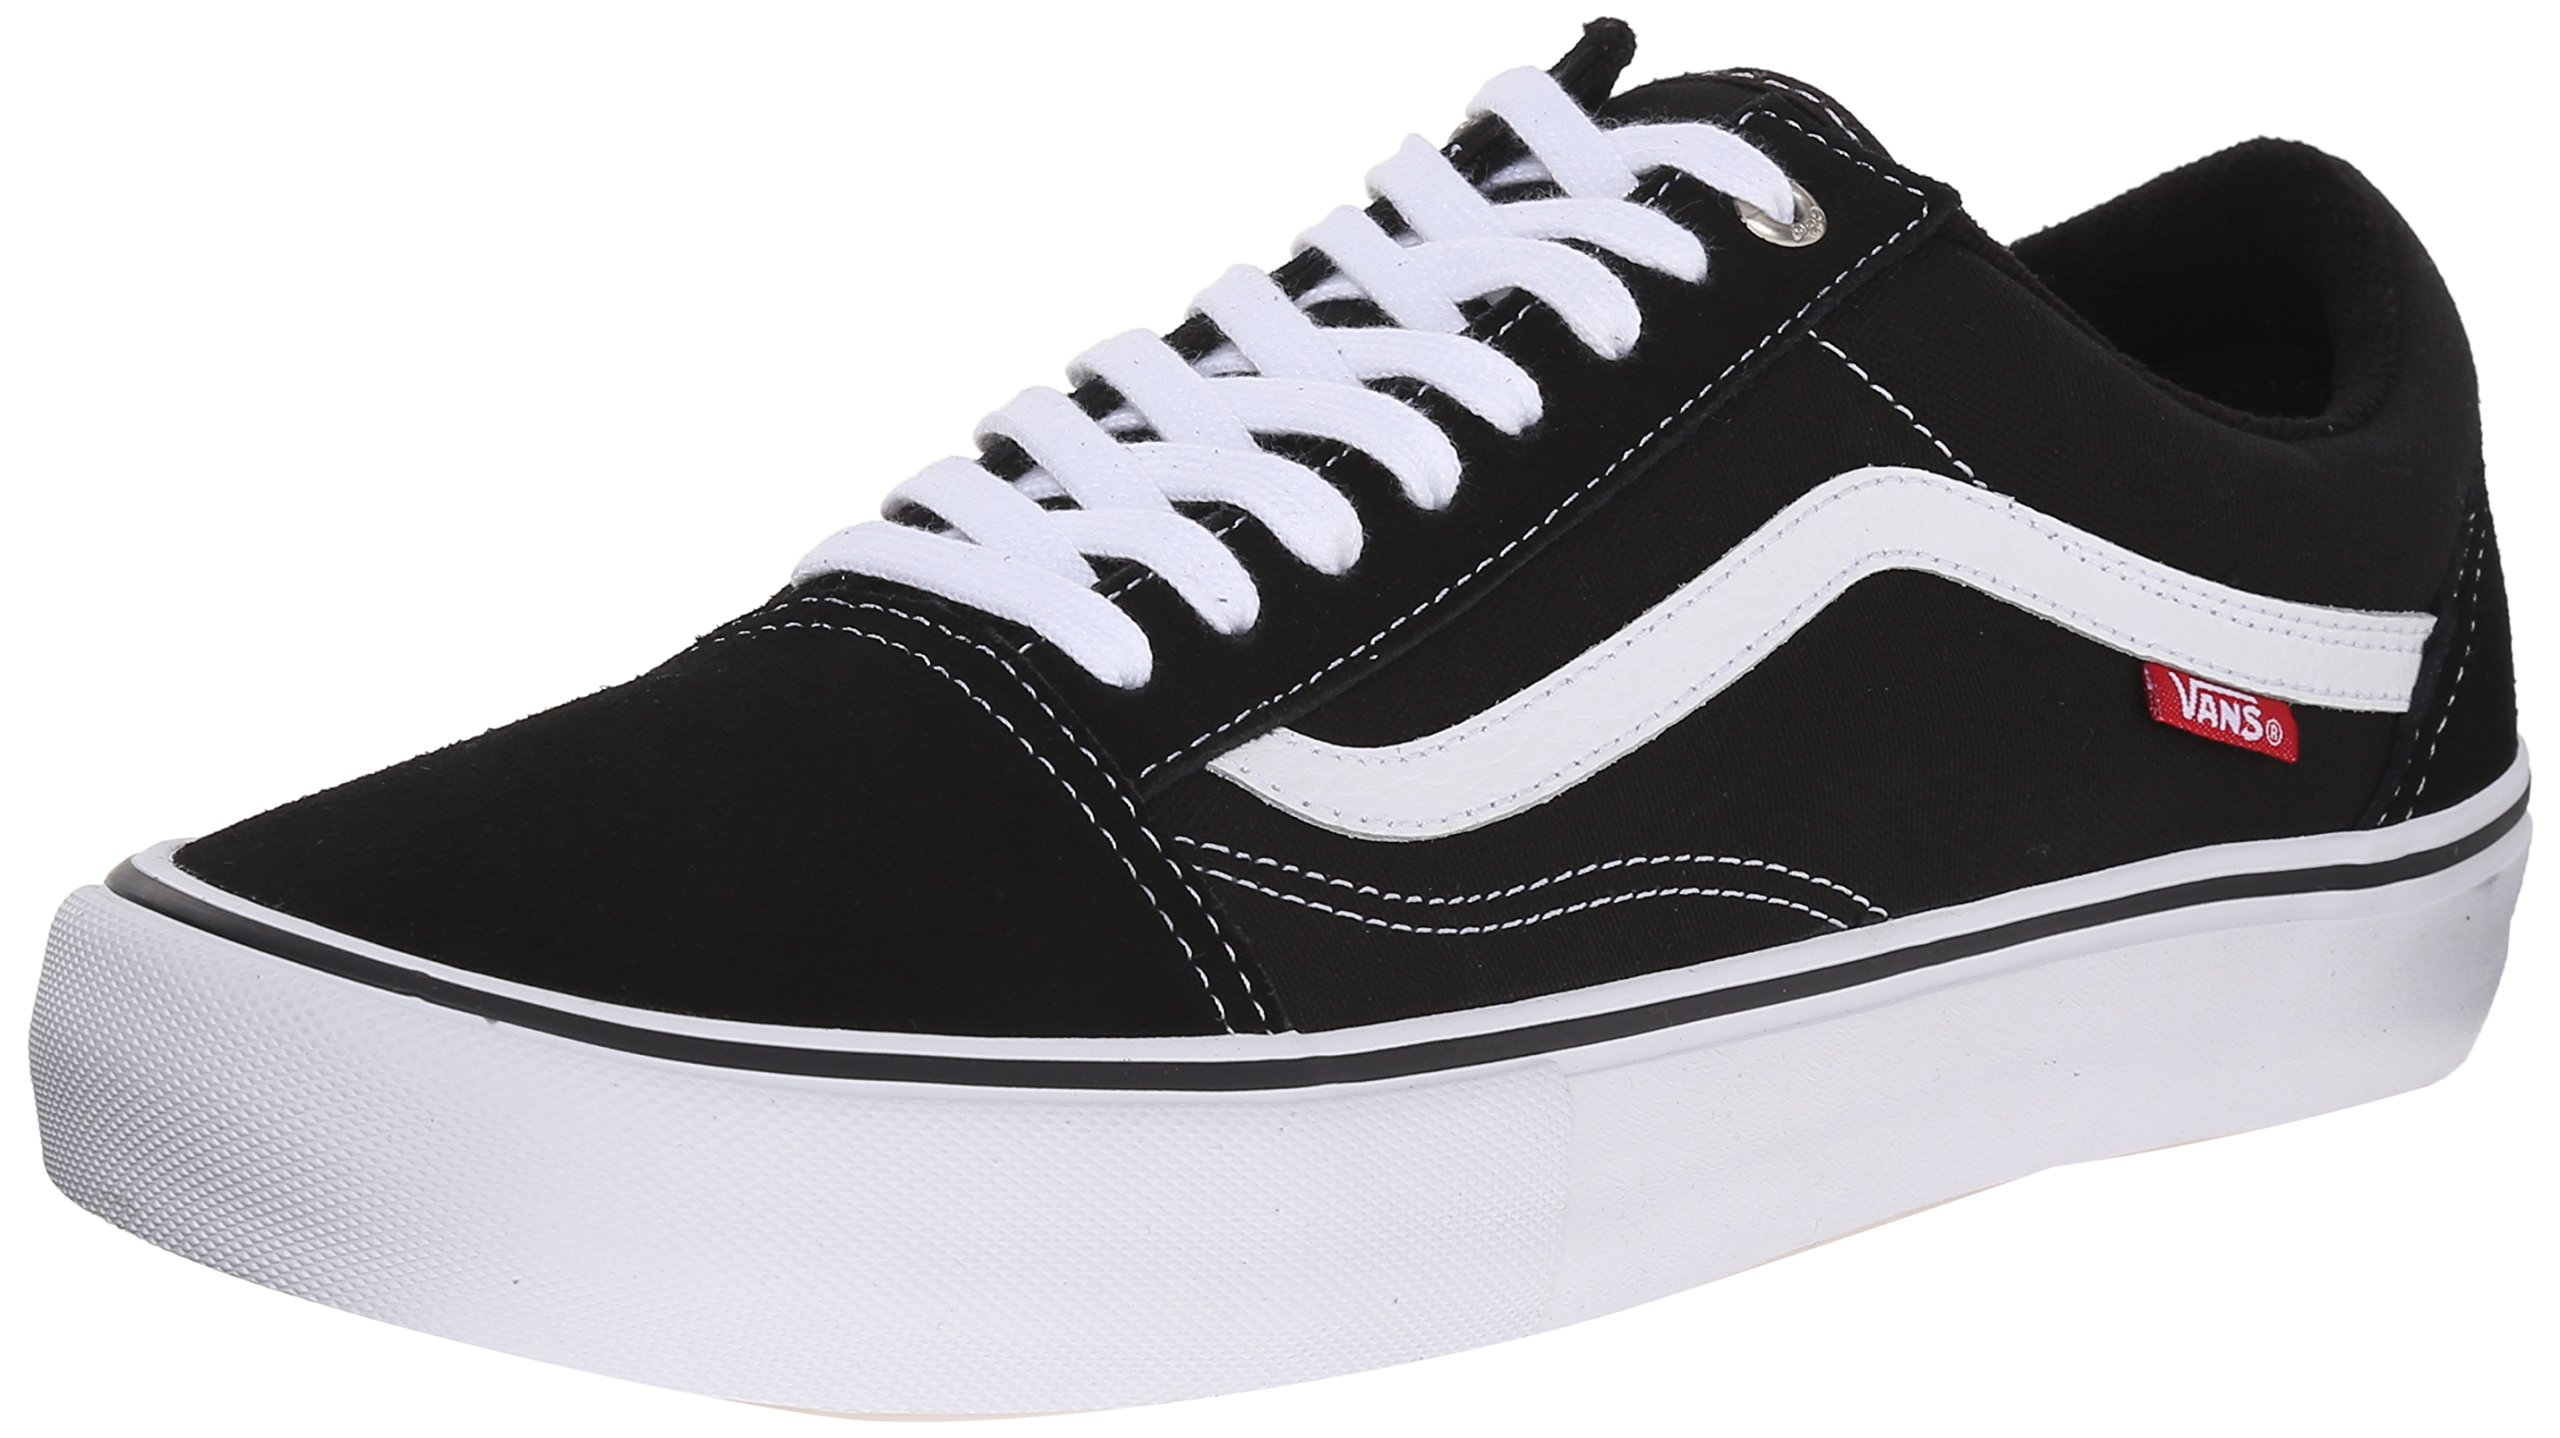 Vans Old Skool Pro Shoes- Buy Online in